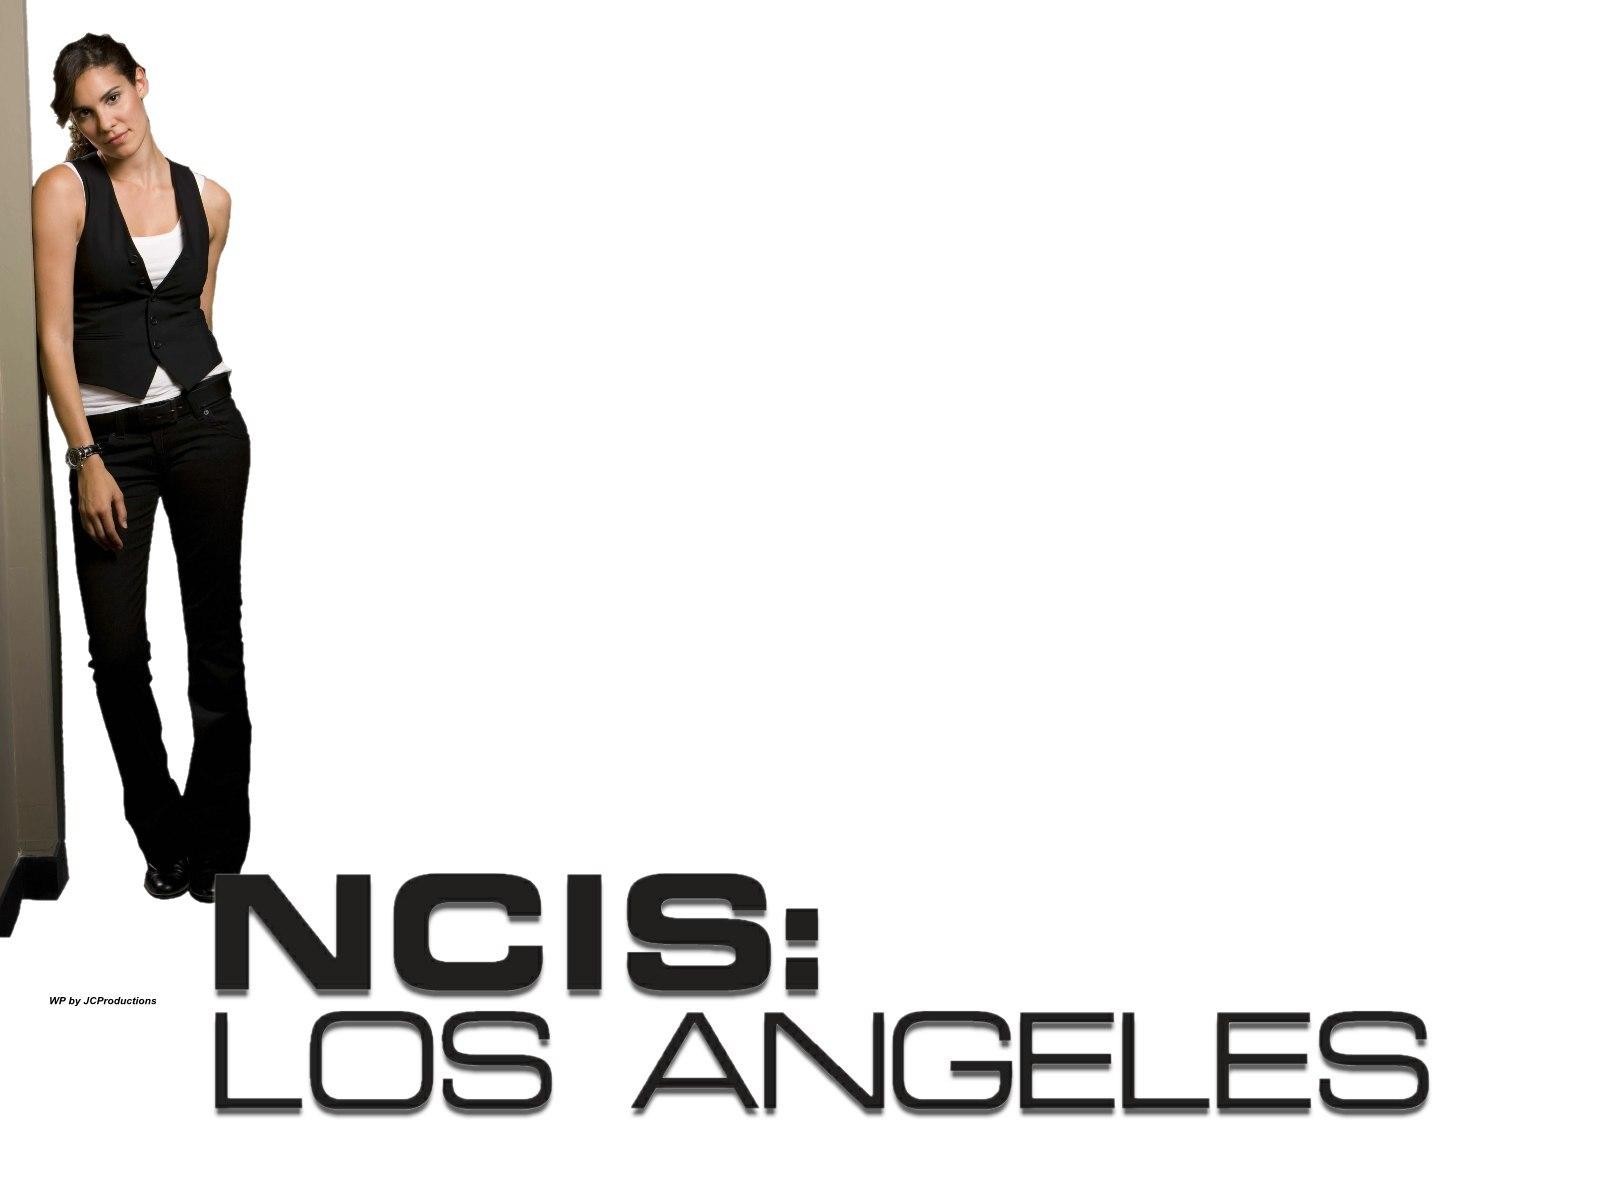 海军罪案调查处 Los Angeles